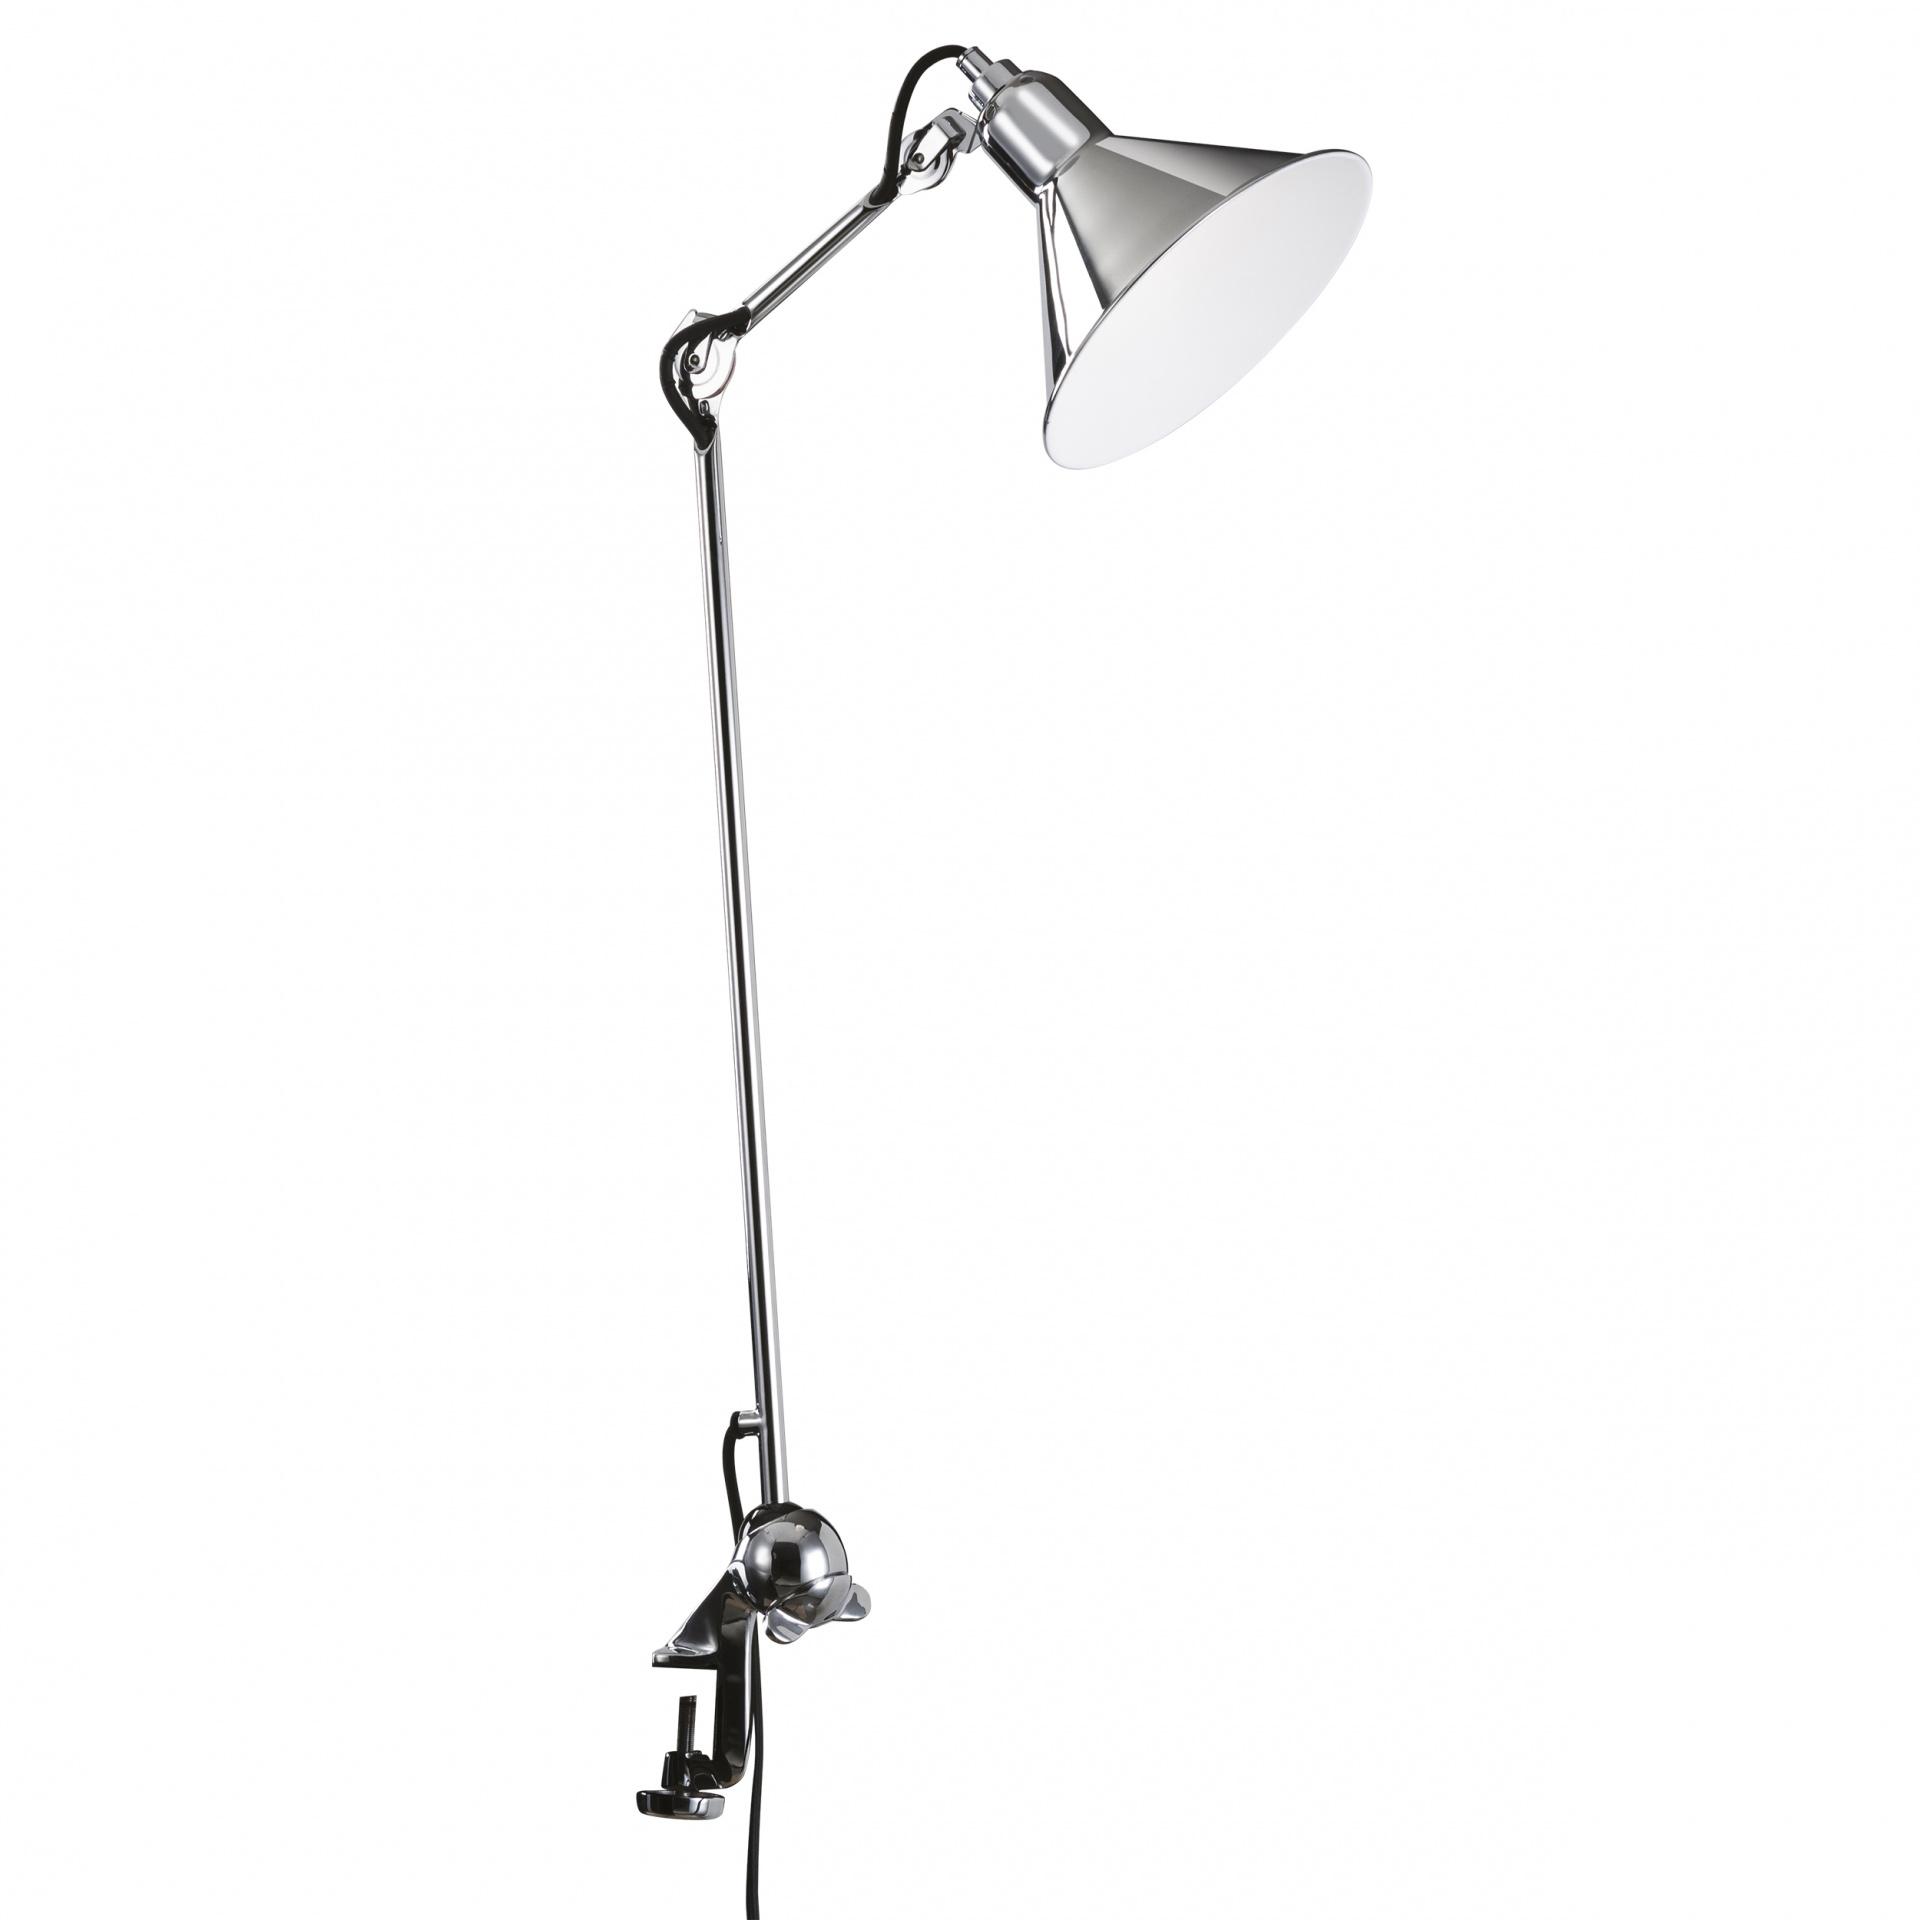 Настольная лампа Loft 1х40W E14 хром Lightstar 765924, купить в СПб, Москве, с доставкой, Санкт-Петербург, интернет-магазин люстр и светильников Starlight, фото в жизни